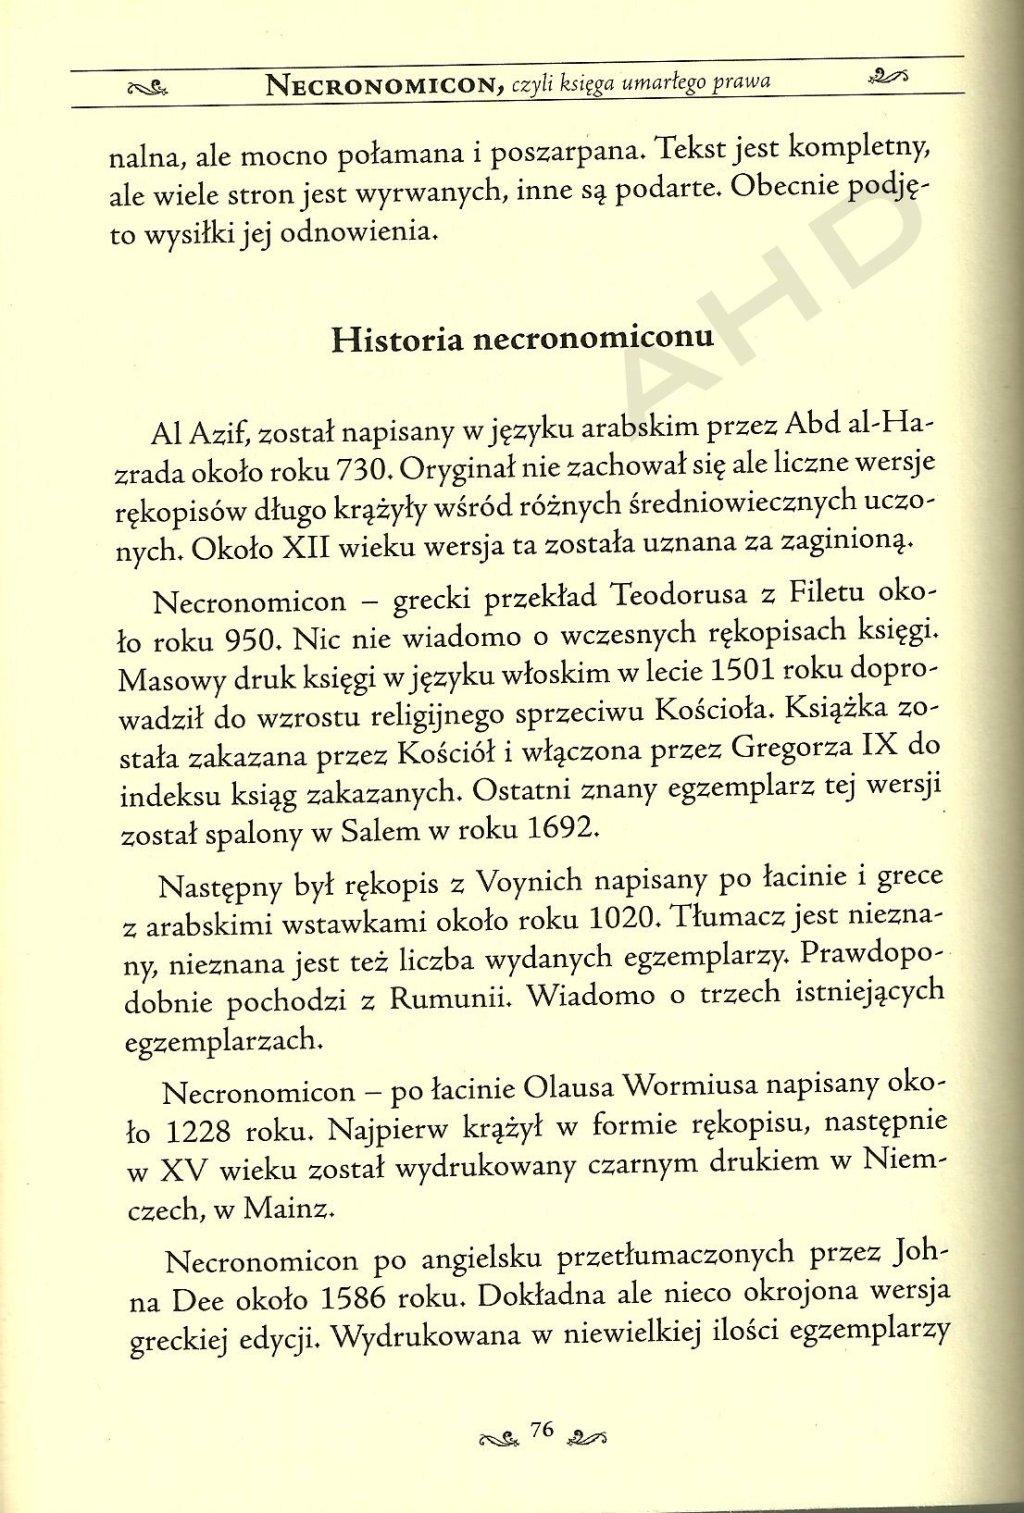 necronomikon 1516 (2)